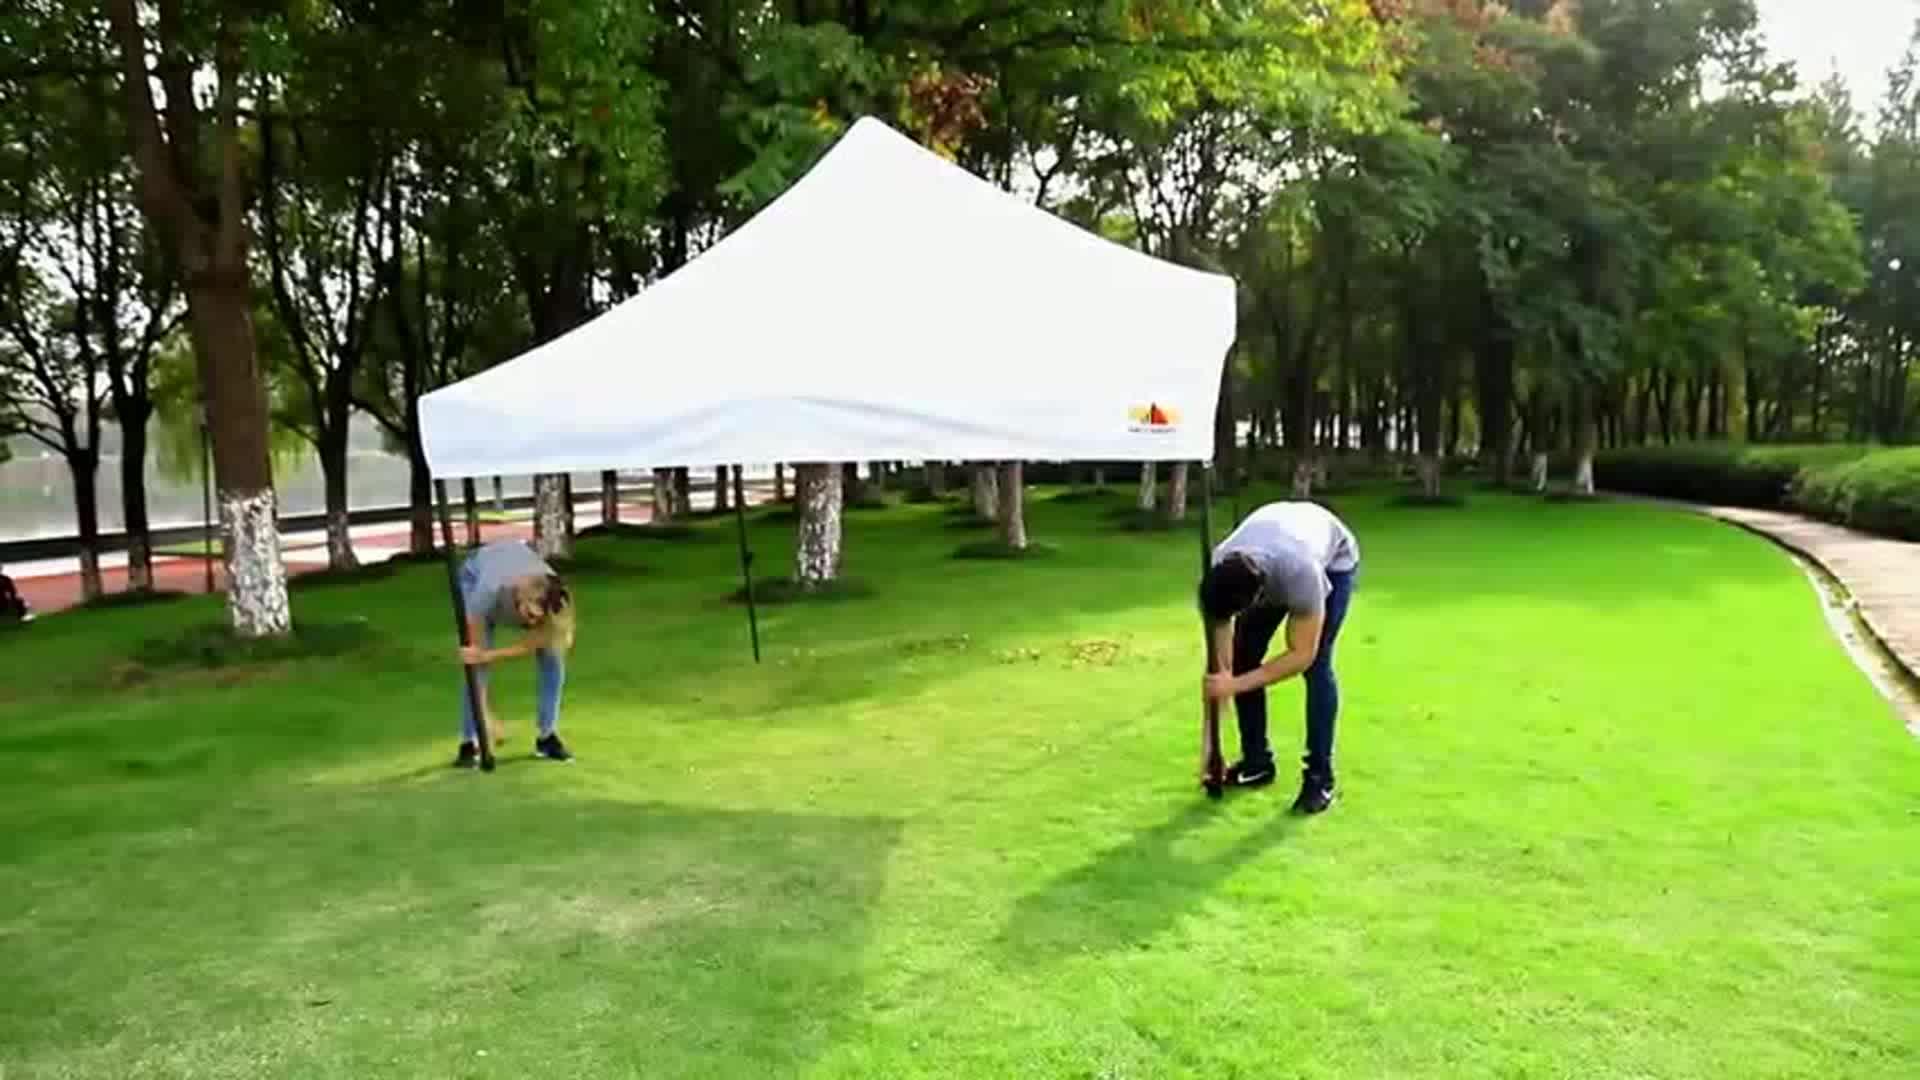 Taşınabilir oxford kumaş 3x3 pop up alüminyum, parti çadır için çelik katlanır çadır, kamp çadırı